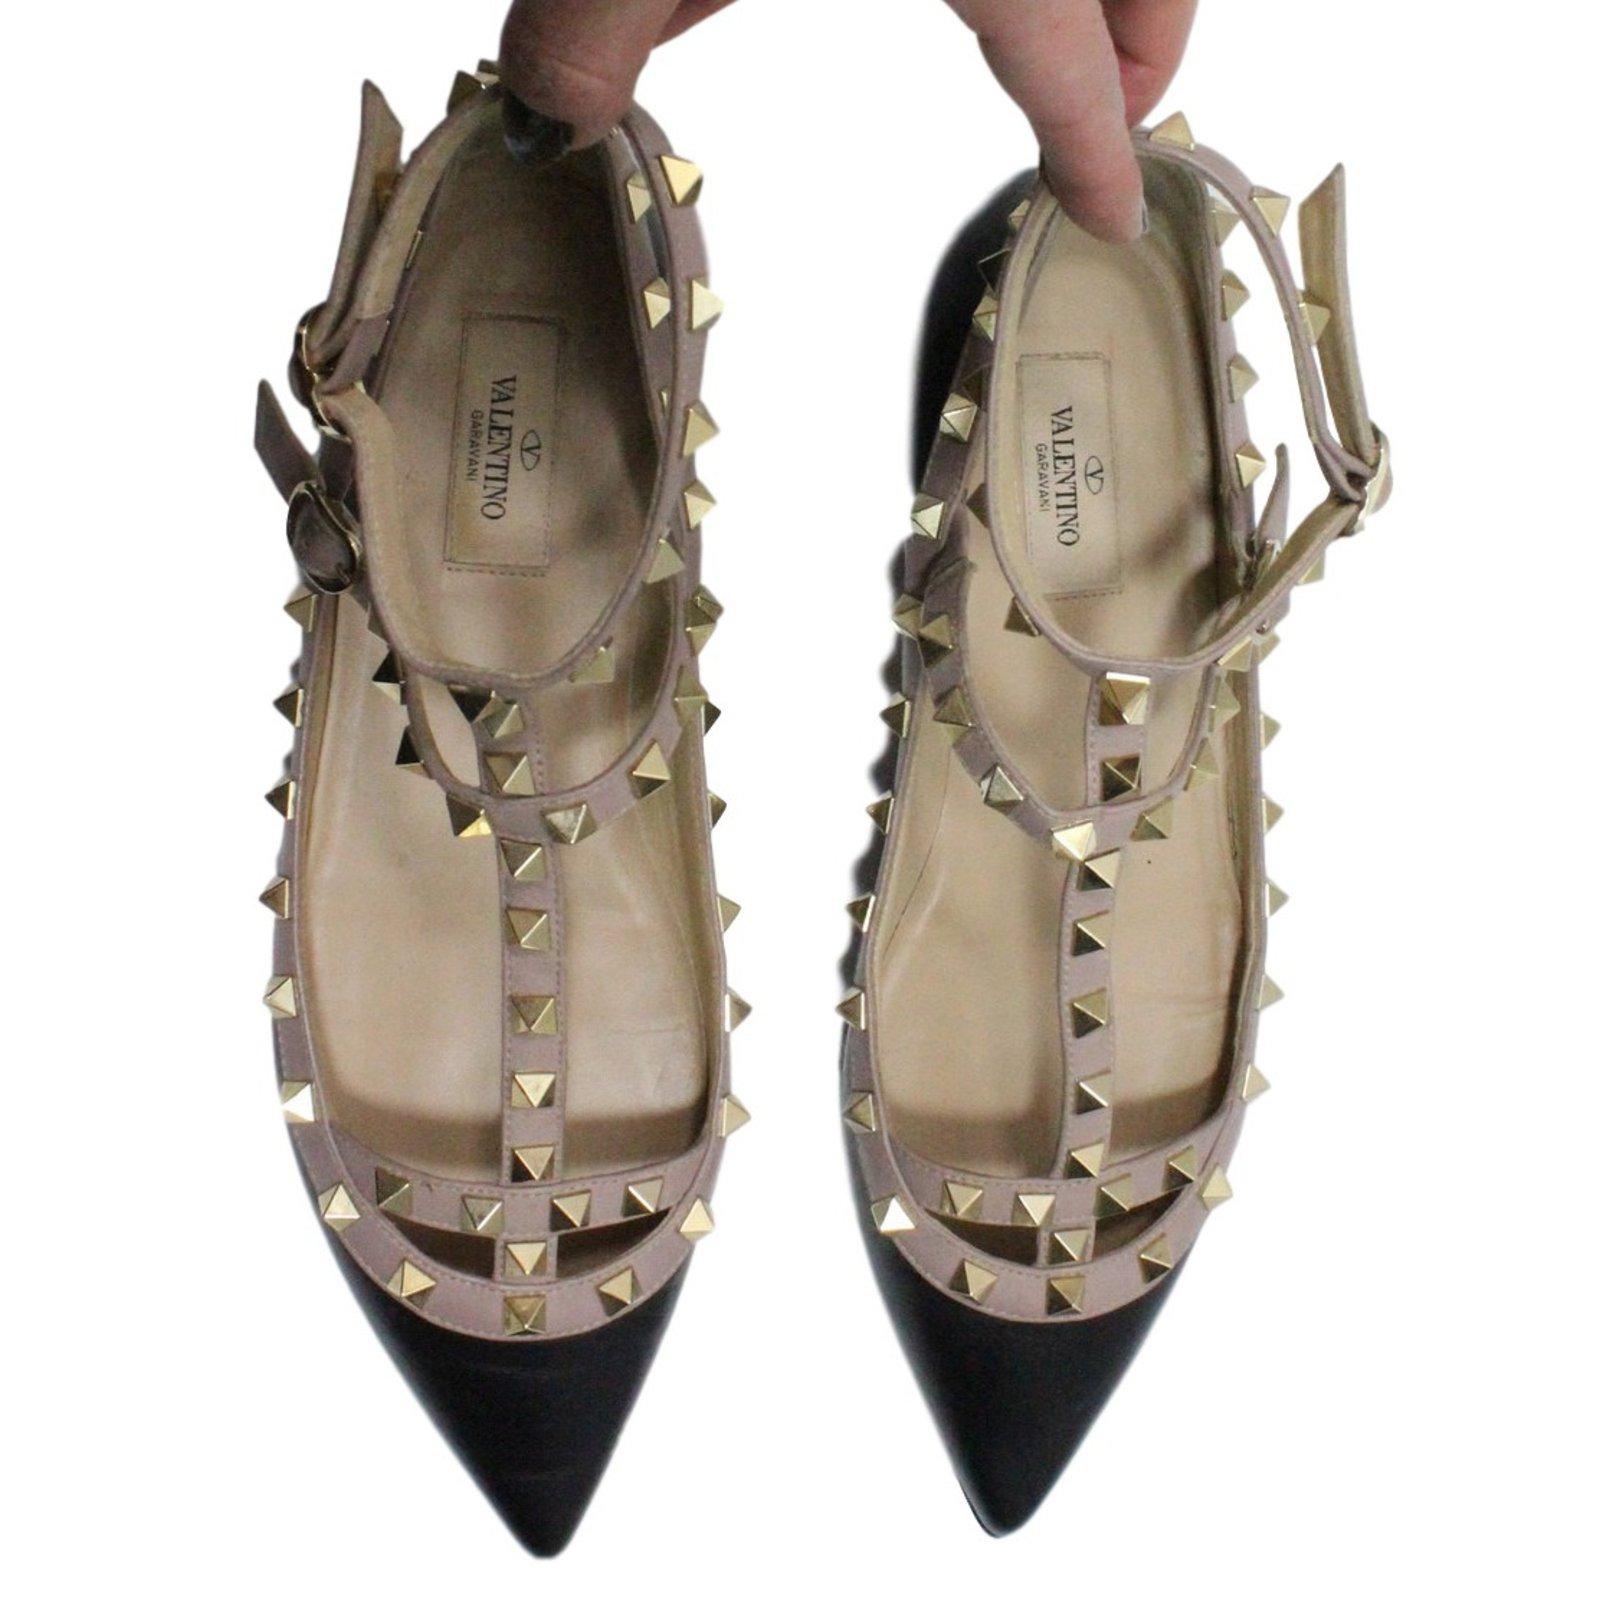 fabriksgiltig gratis frakt nya utgåvan Valentino Ballerina flats Ballet flats Leather Black ref.25888 ...